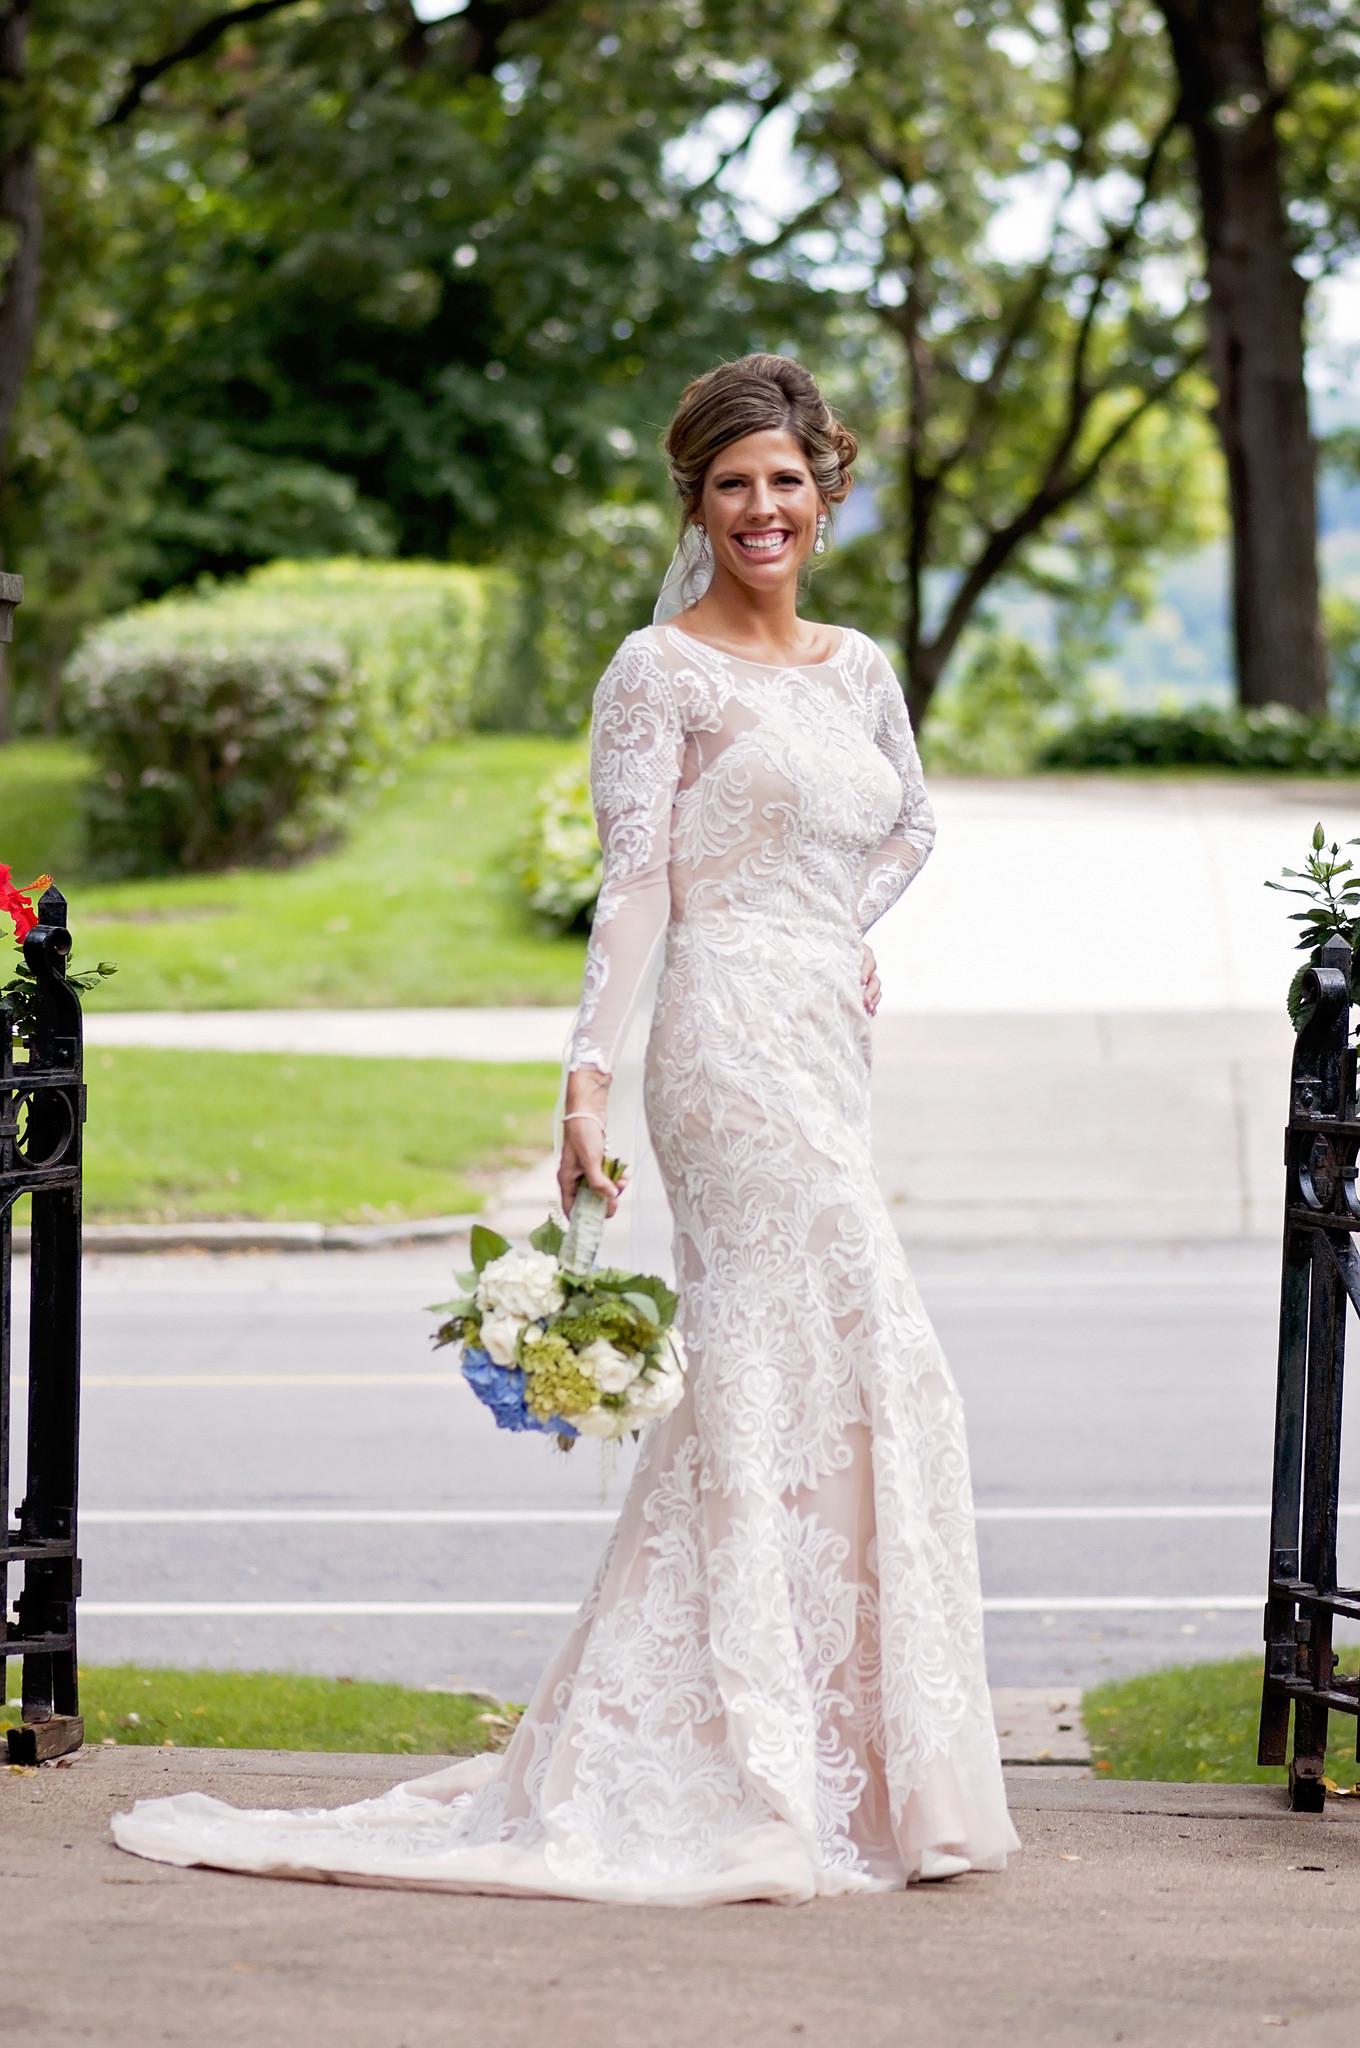 kristine_wedding_brides_spiritedtable_photo18.jpg